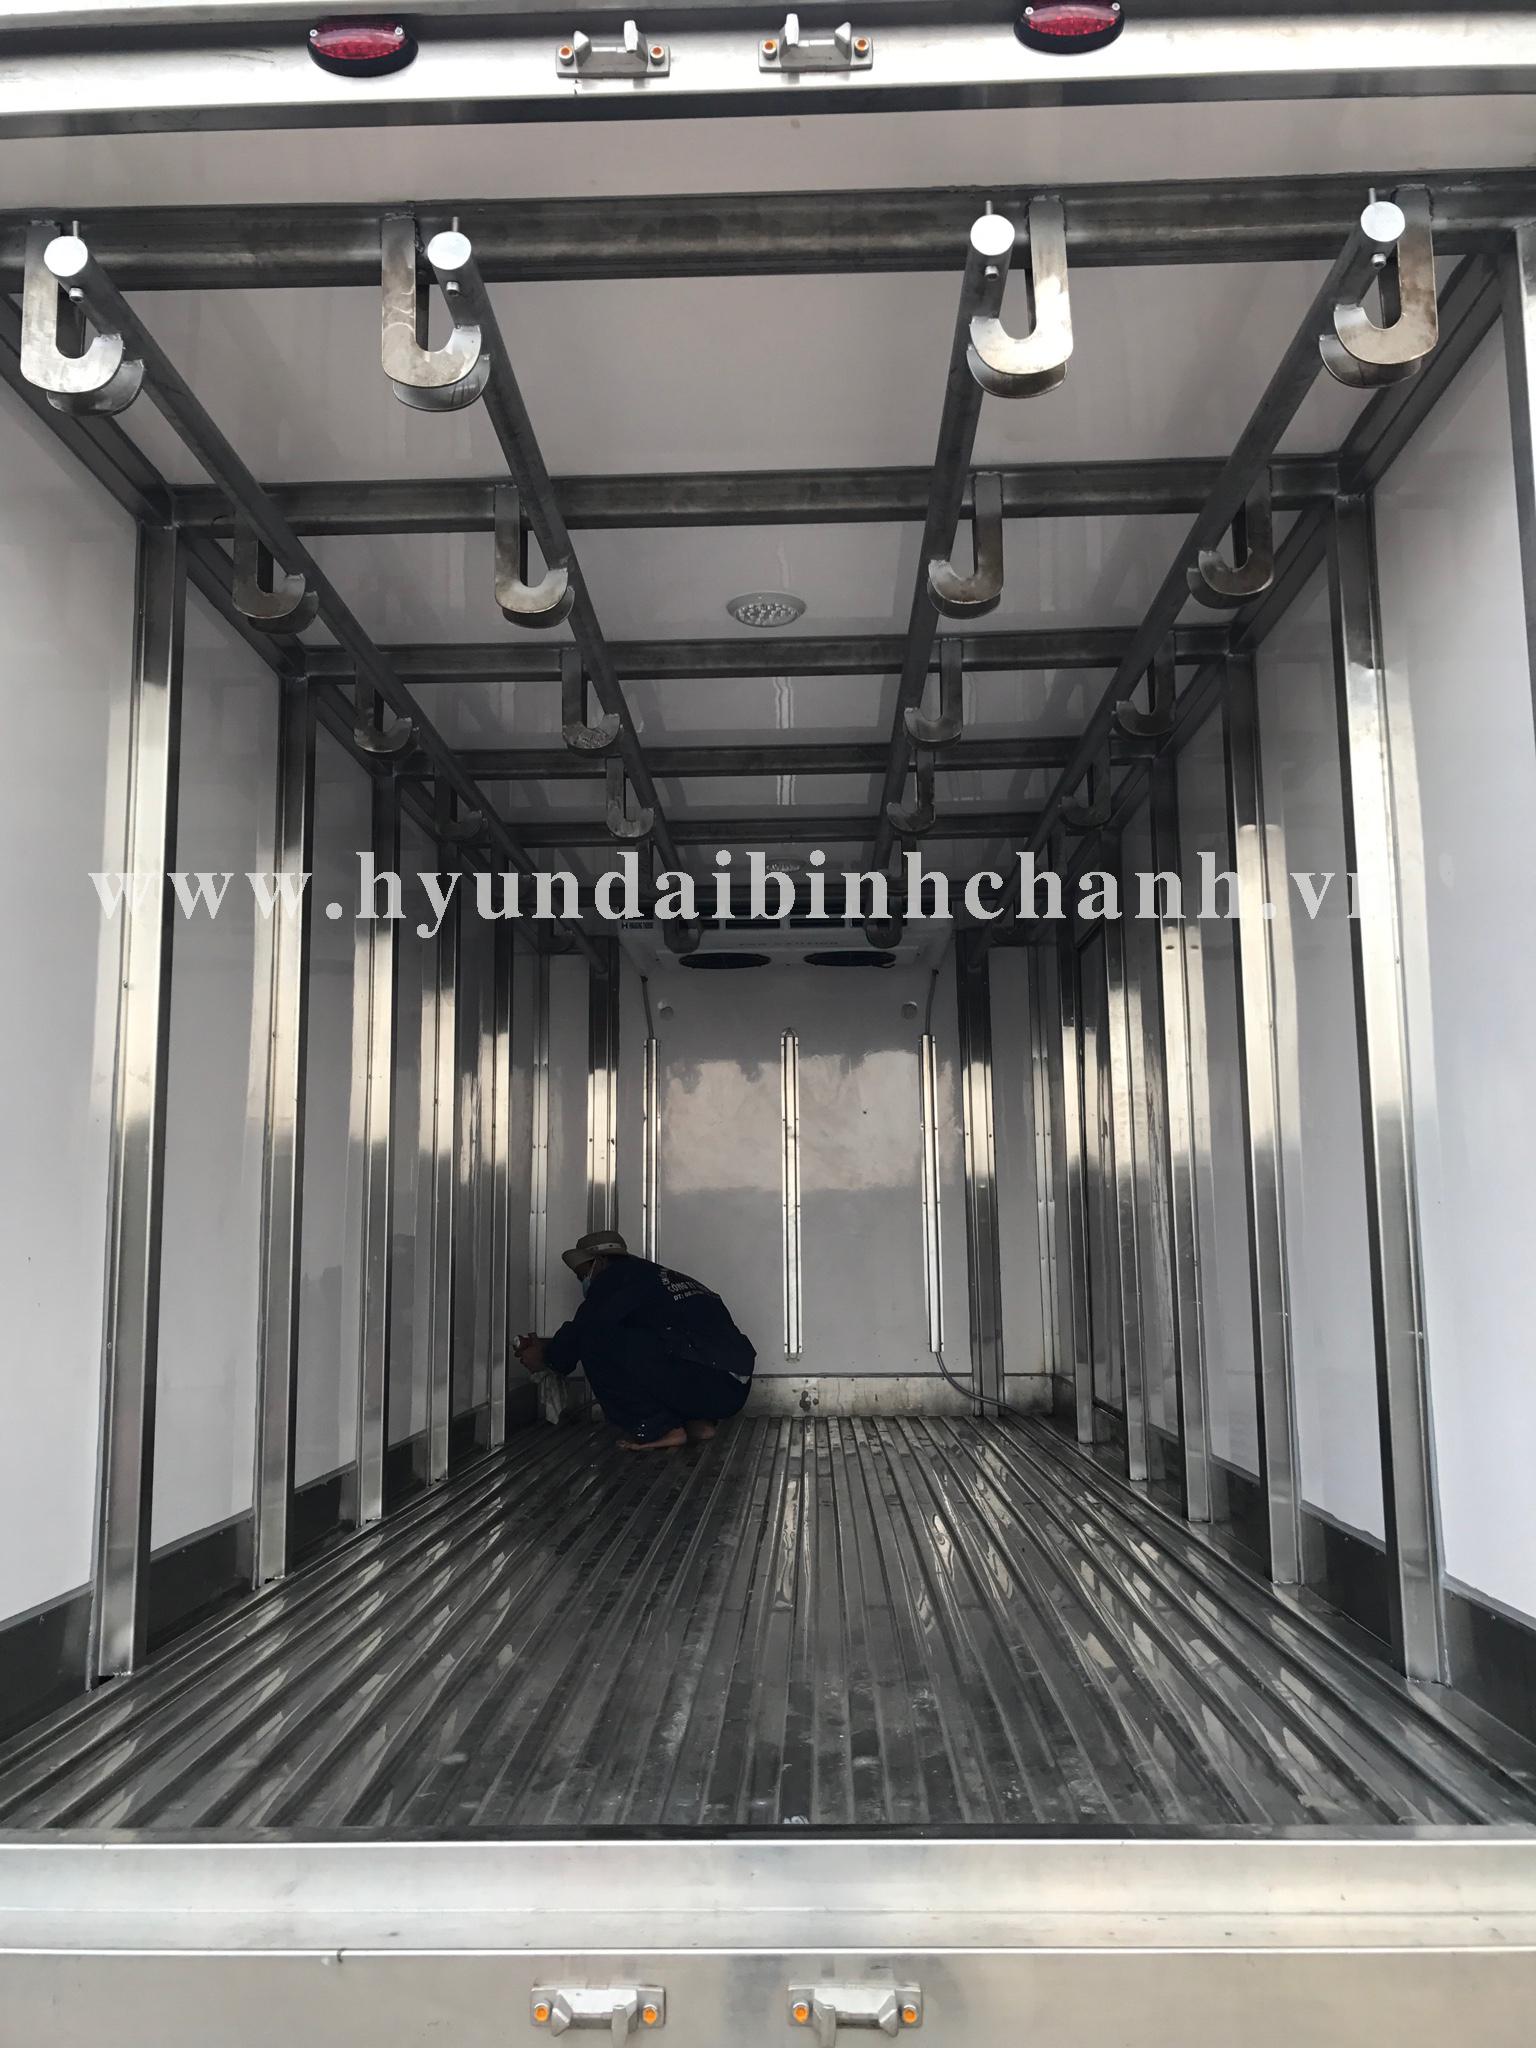 hyundai-hd99-dong-lanh-cho-thit-heo Thùng đông lạnh Hyundai HD99 có khung treo thịt heo | Hyundai Bình Chánh